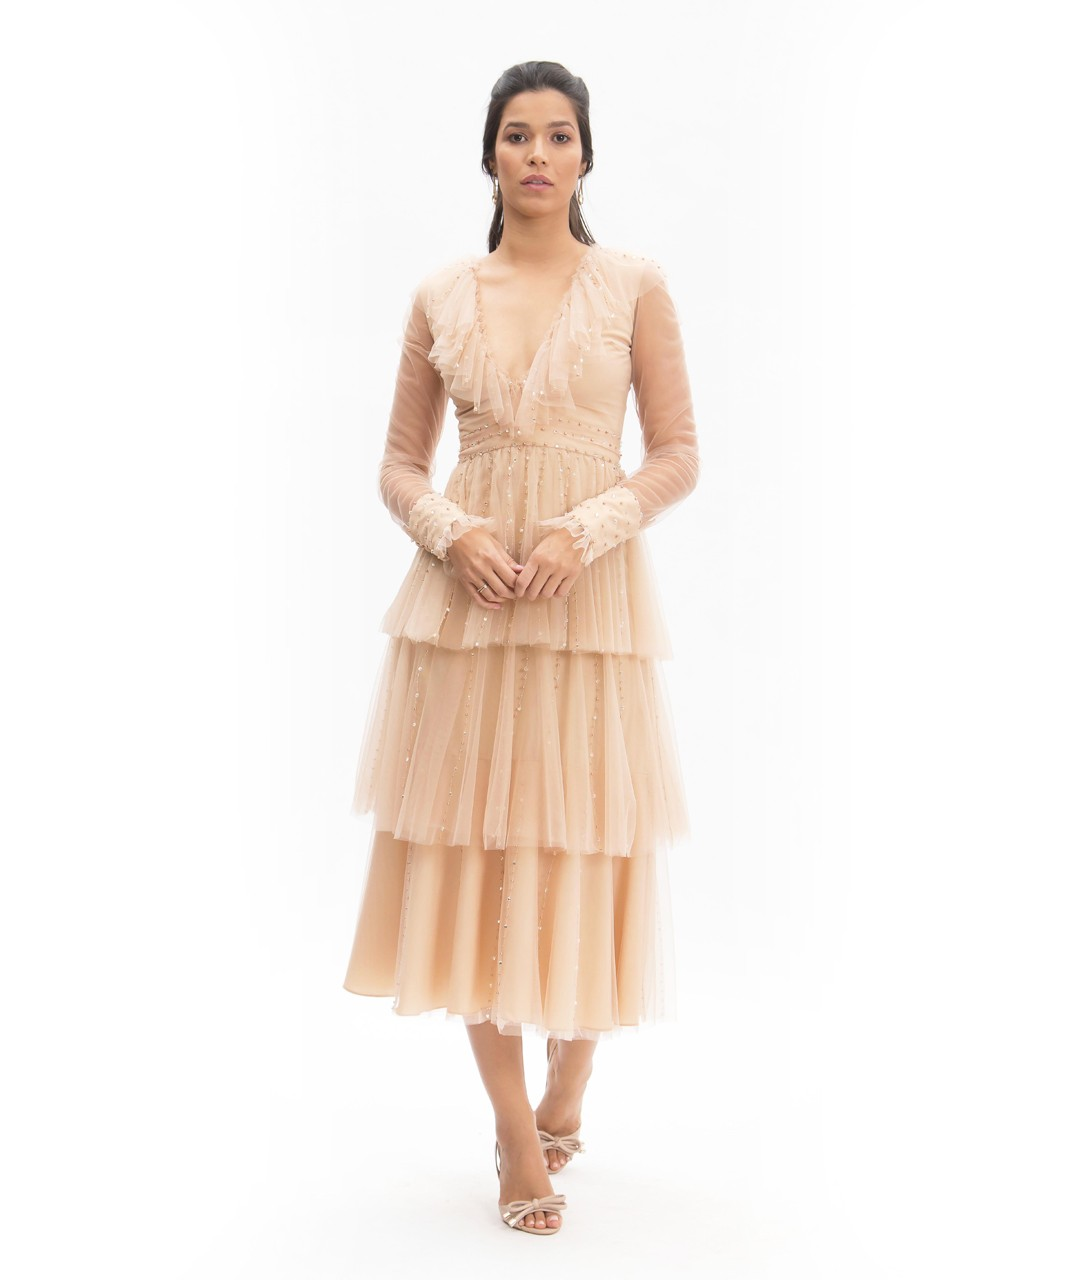 Vestido Denise Valadares